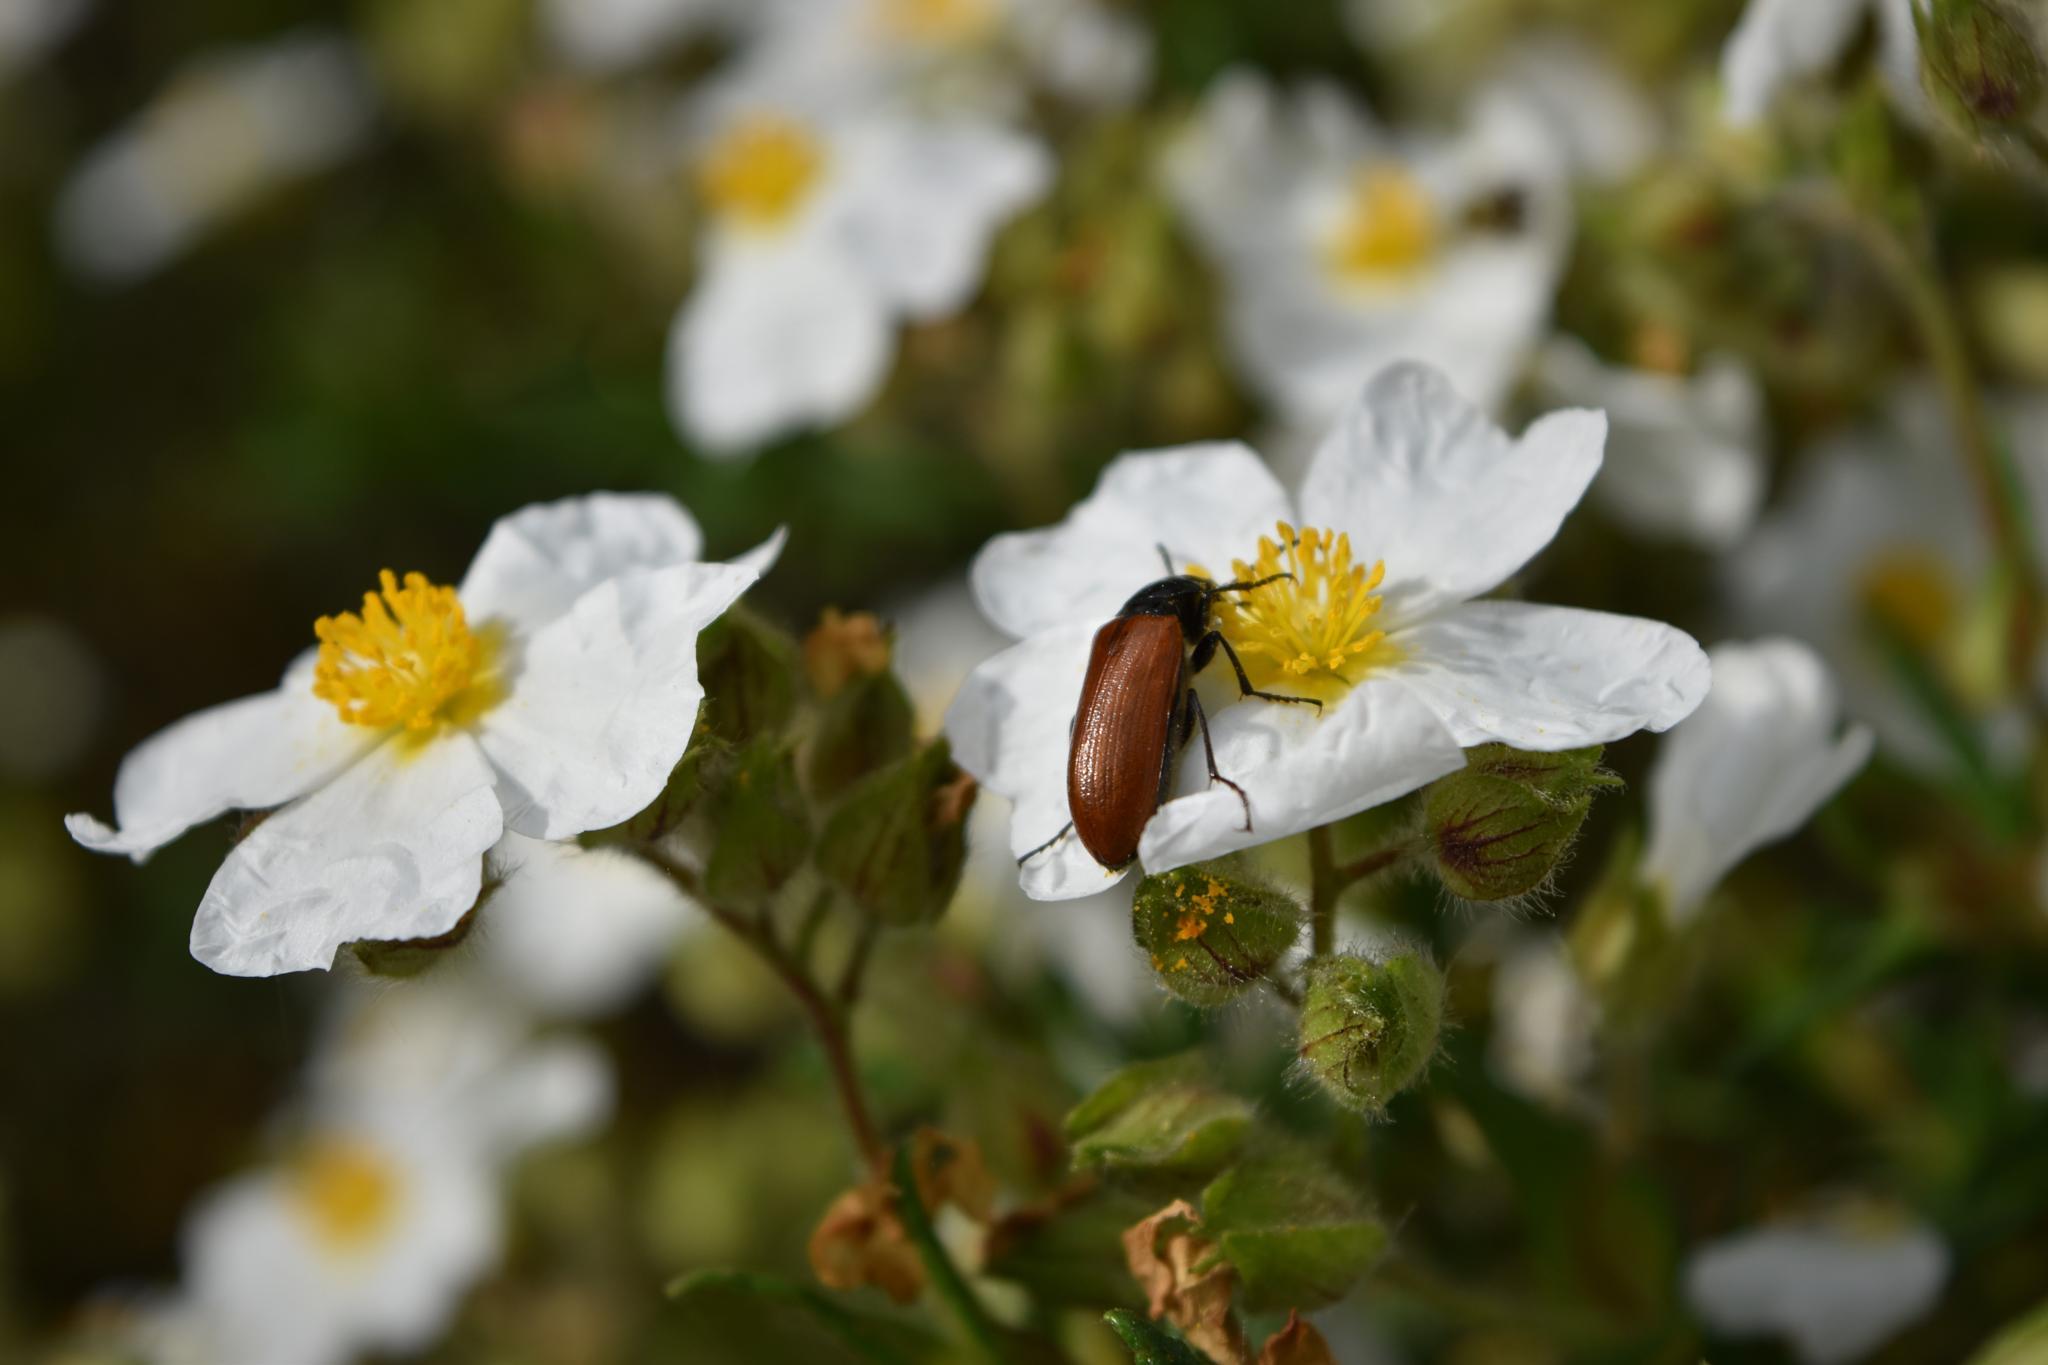 ancora primavera by ecauli1